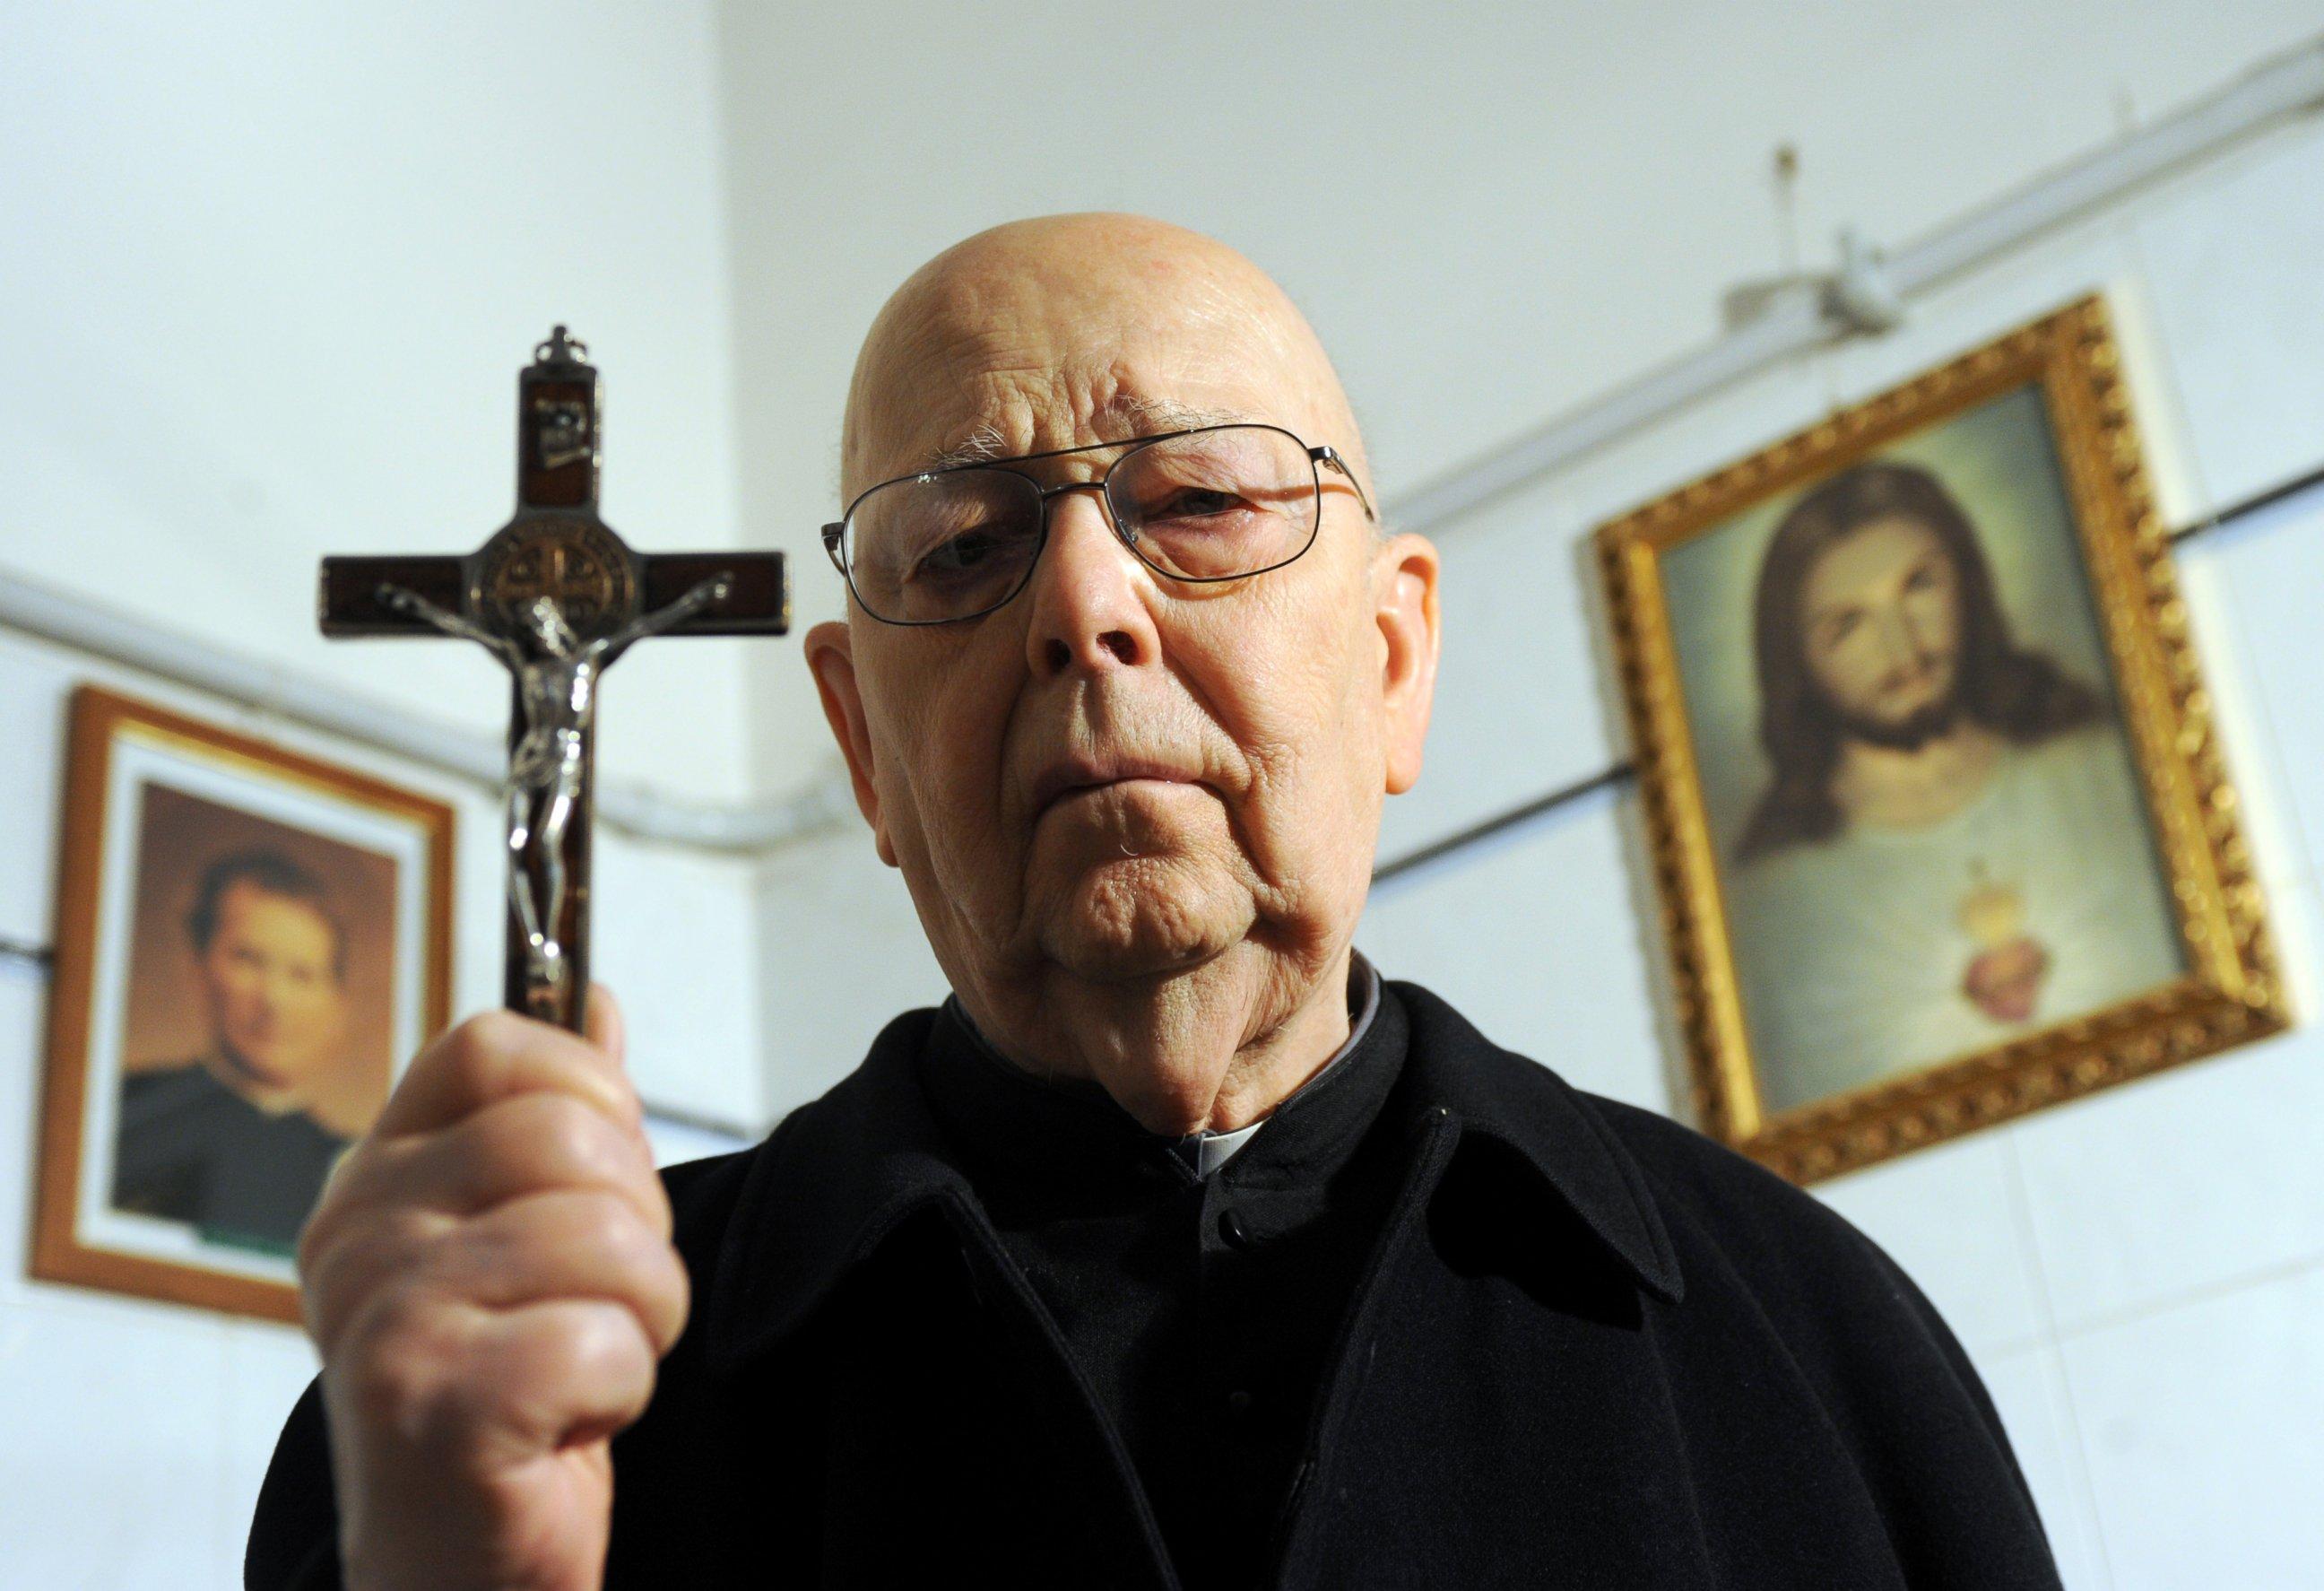 Maior exorcista do mundo explica o plano de Deus contra Satanás em Medjugorje